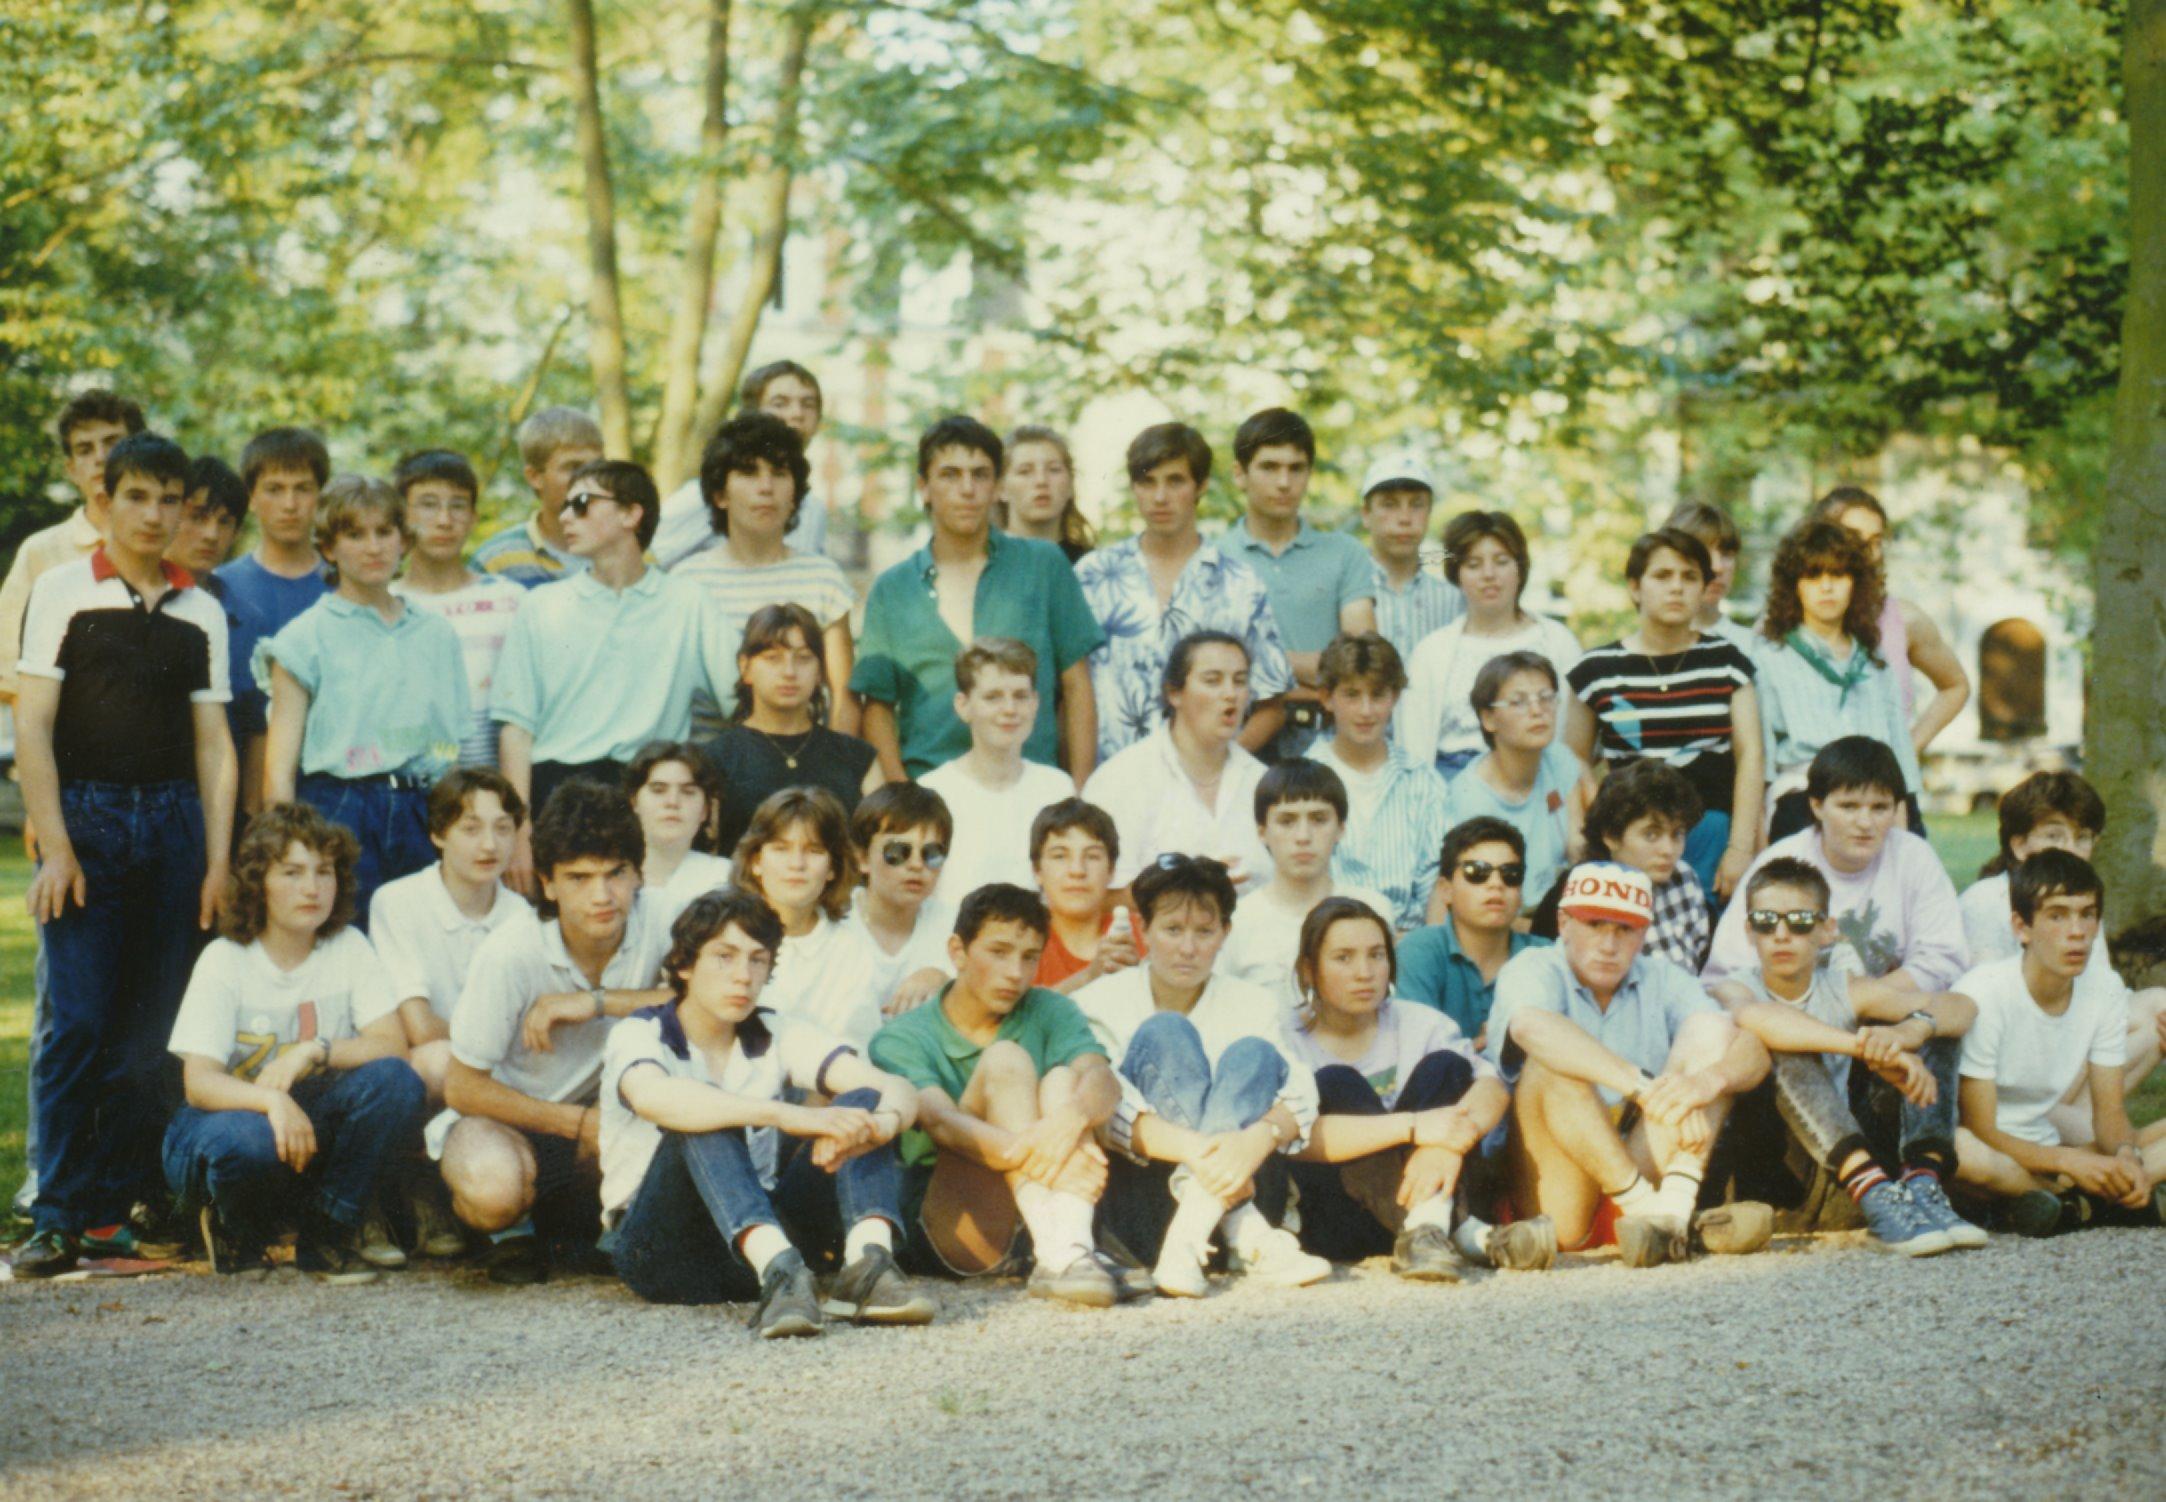 Archives anciens élèves mfr puy-sec 1986 (23)